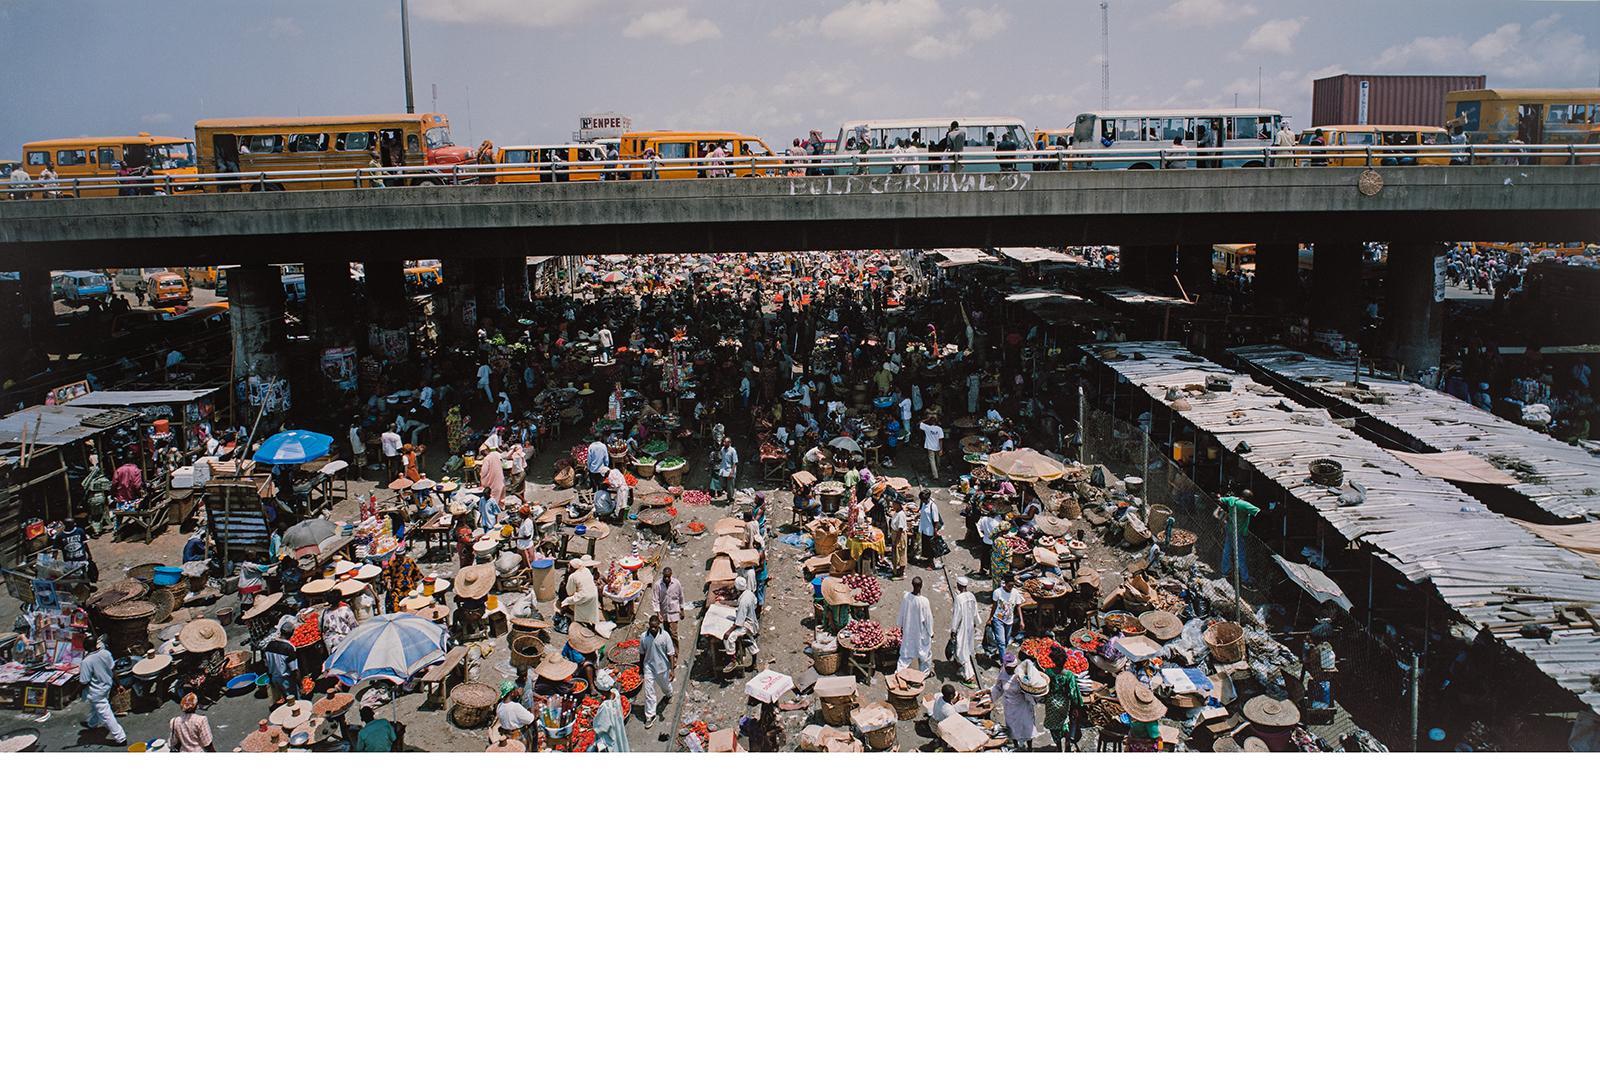 Armin Linke, Oshodi Market, Lagos, Nigeria, 2008